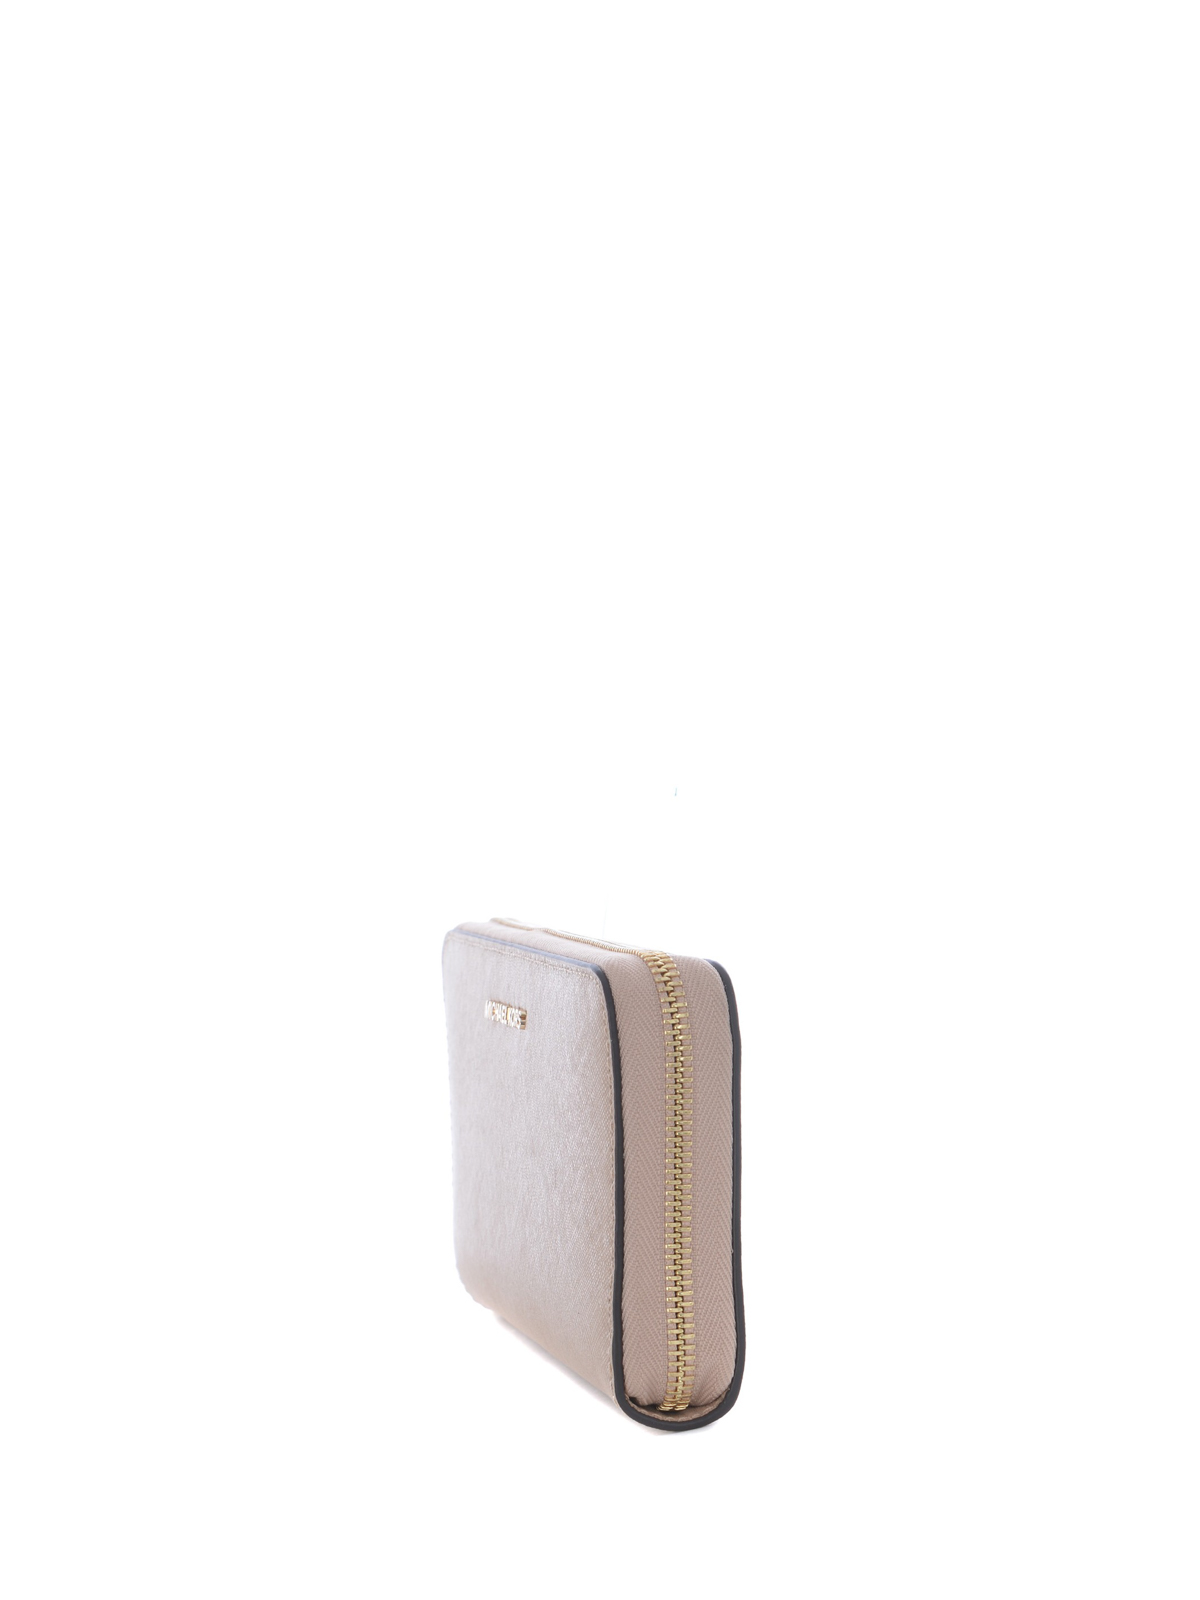 019856713e MICHAEL KORS: portafogli online - Portafoglio rosa Jet Set Travel